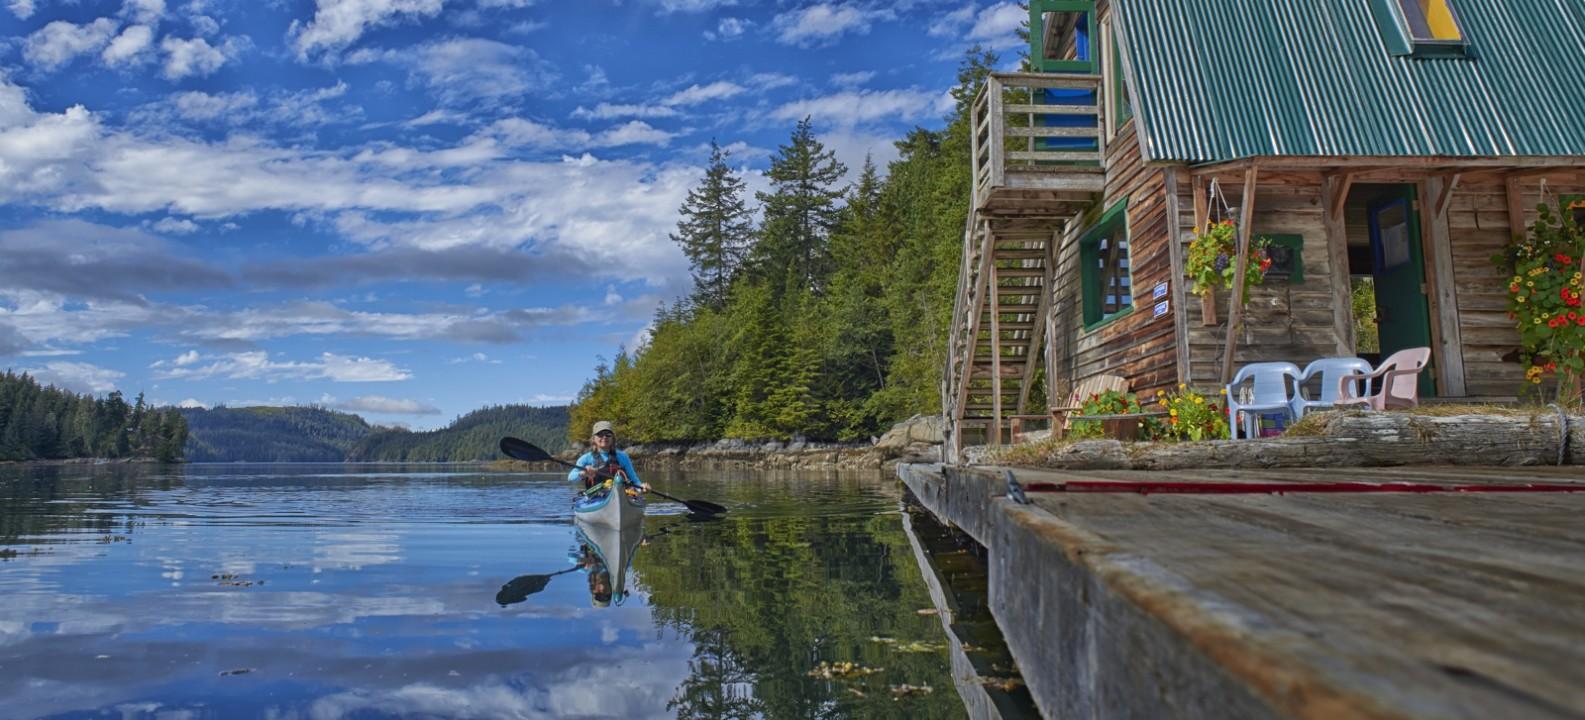 Broughton Archipeligo, British Columbia, Canada